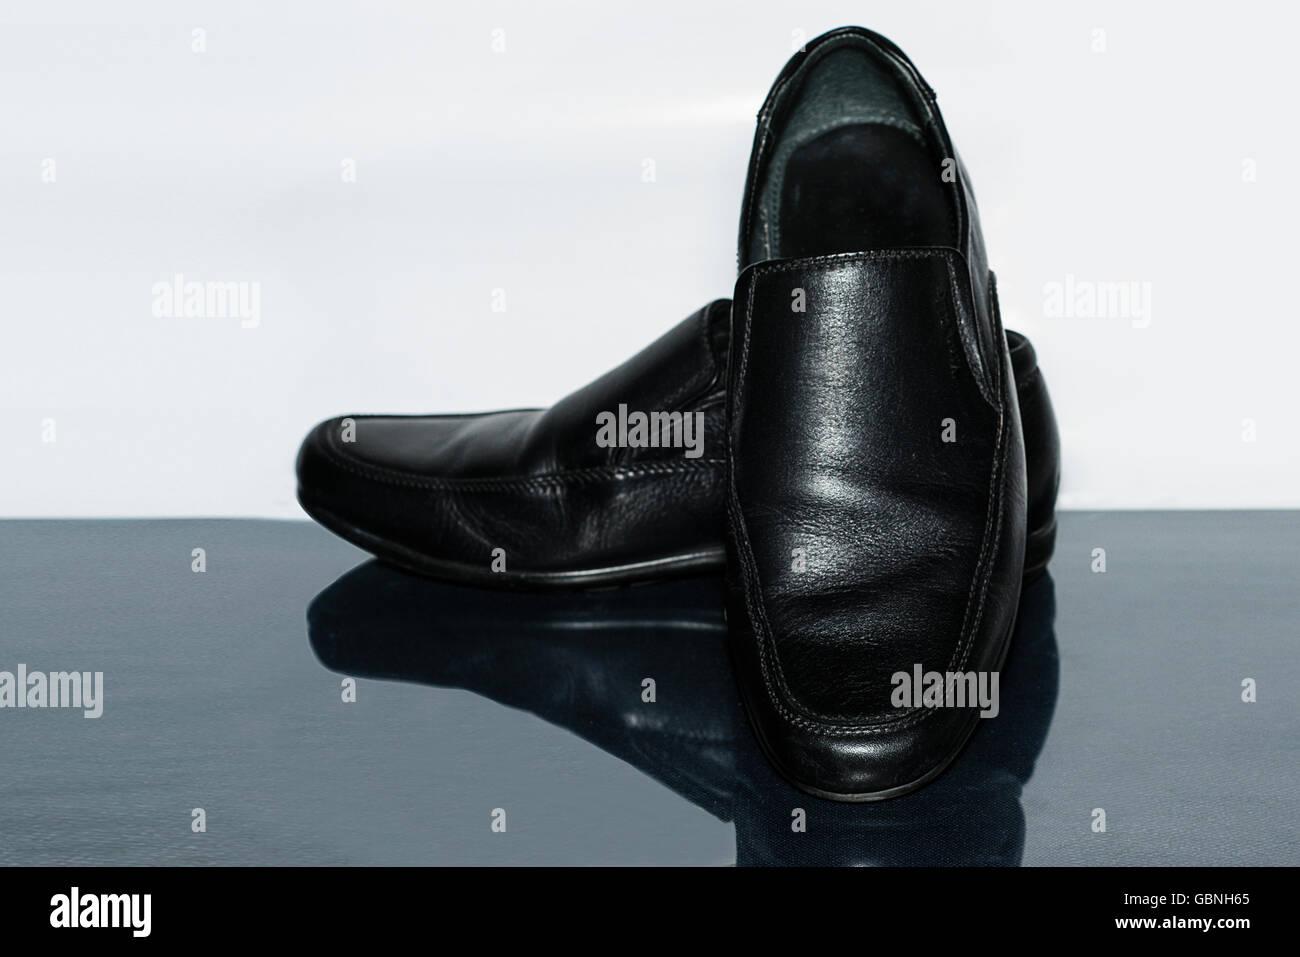 f8a1620daa Los hombres zapatos de cuero negro aislado sobre un fondo blanco y gris.  Imagen De